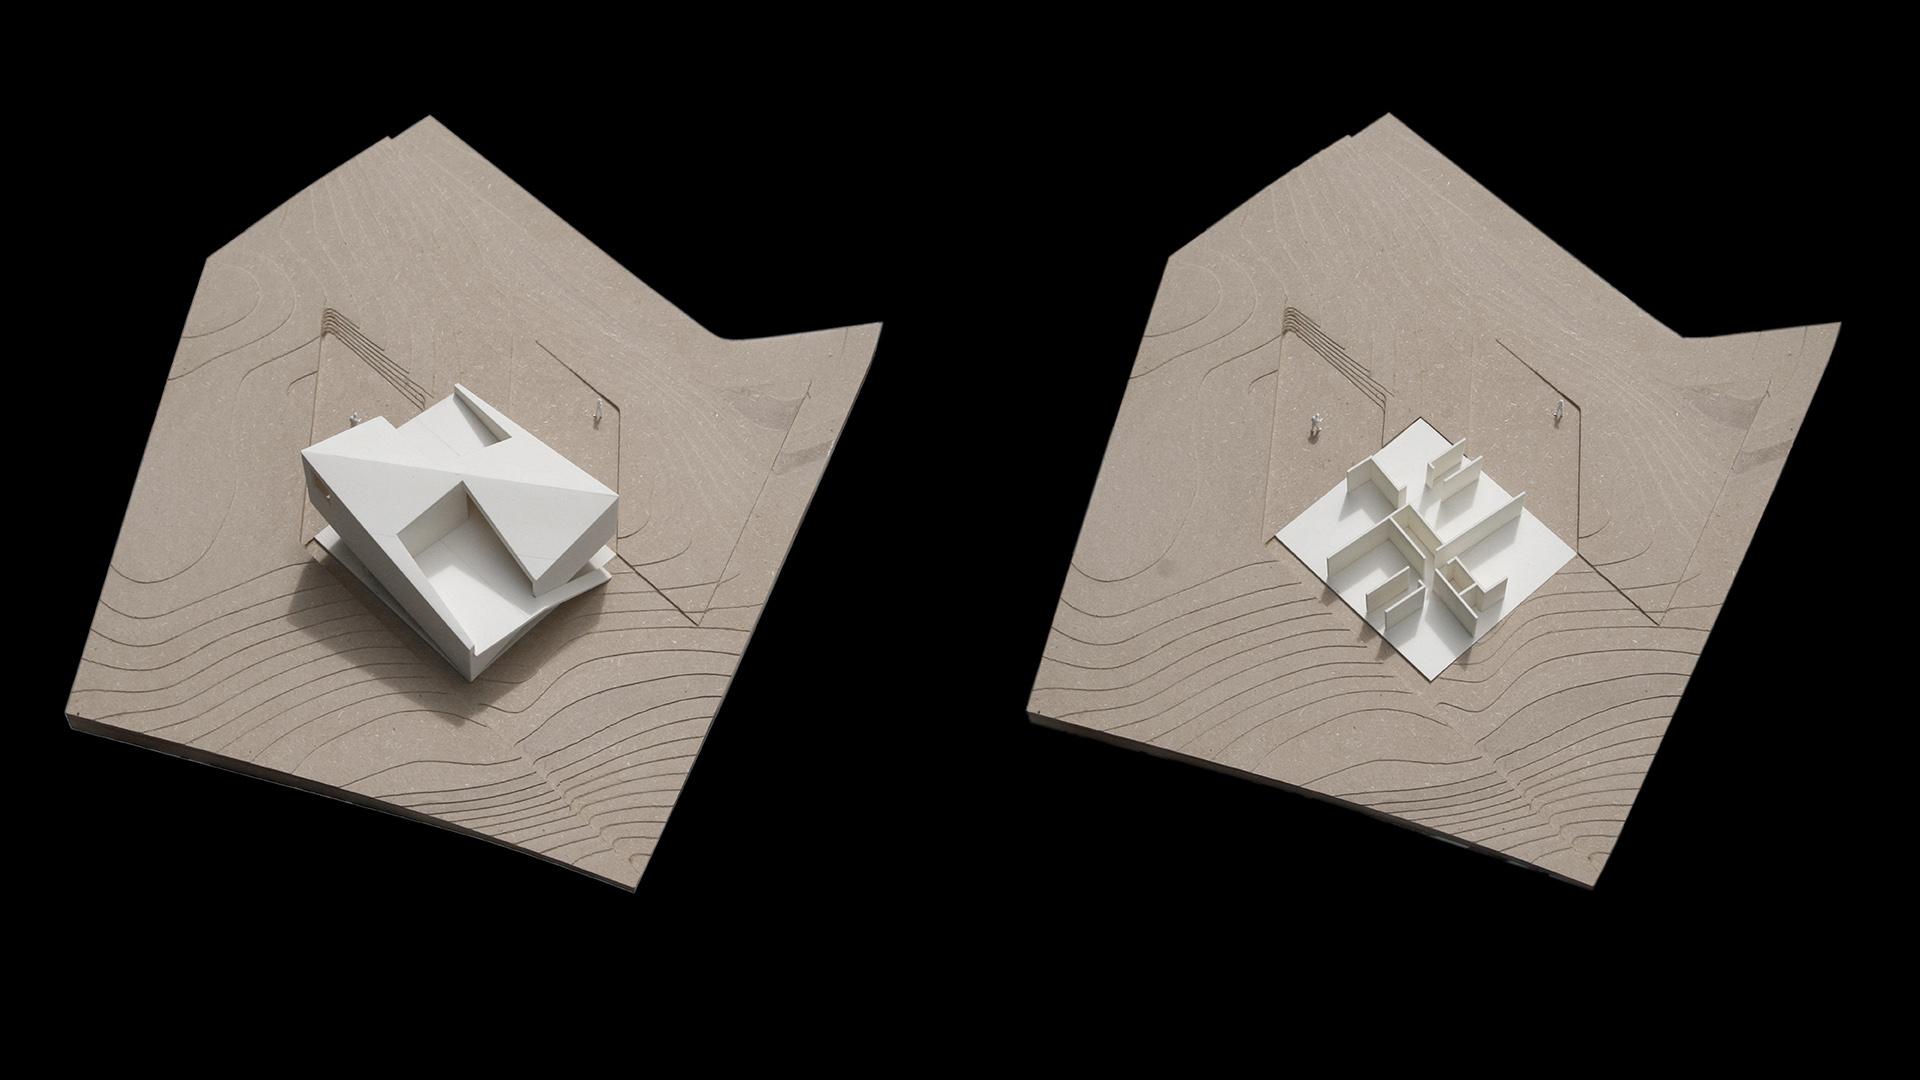 villa nestl-model3-joerg-hugo.jpg